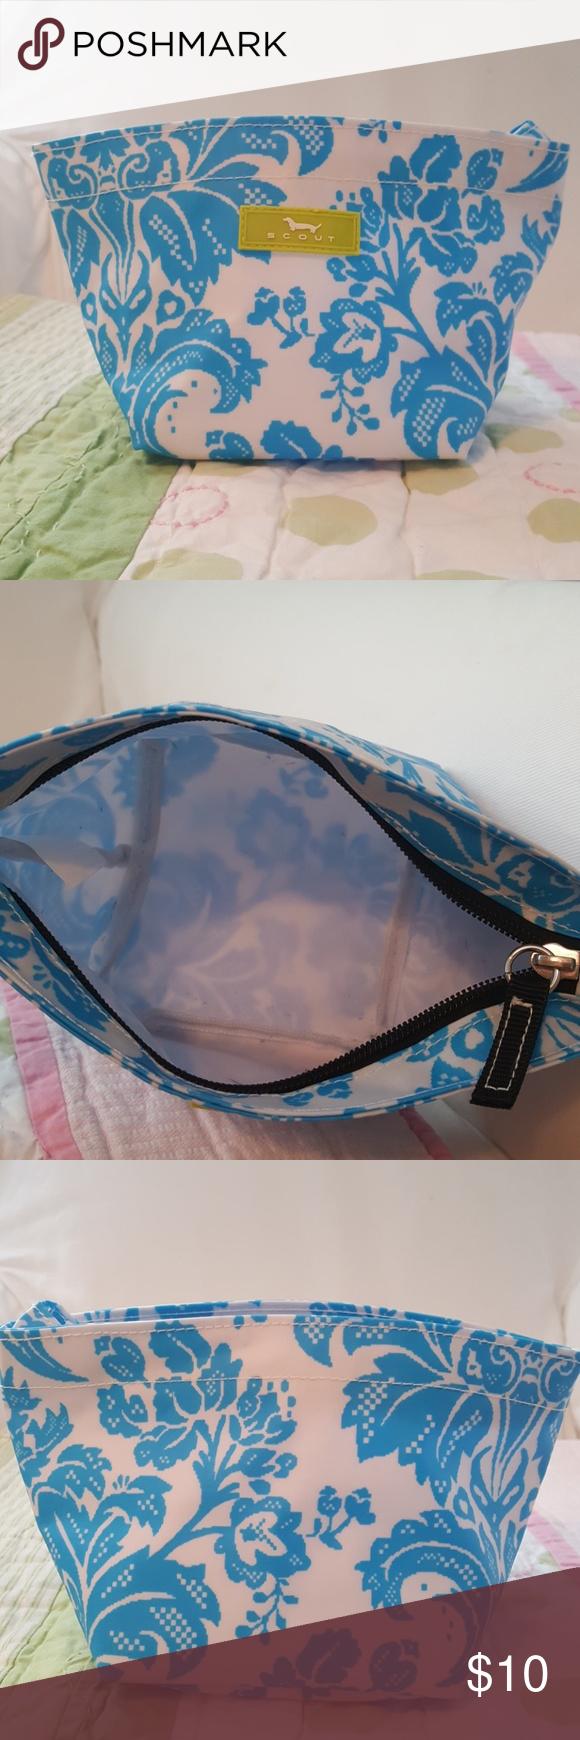 Scout crown jewels makeup bag Bags, Jewel makeup, Makeup bag